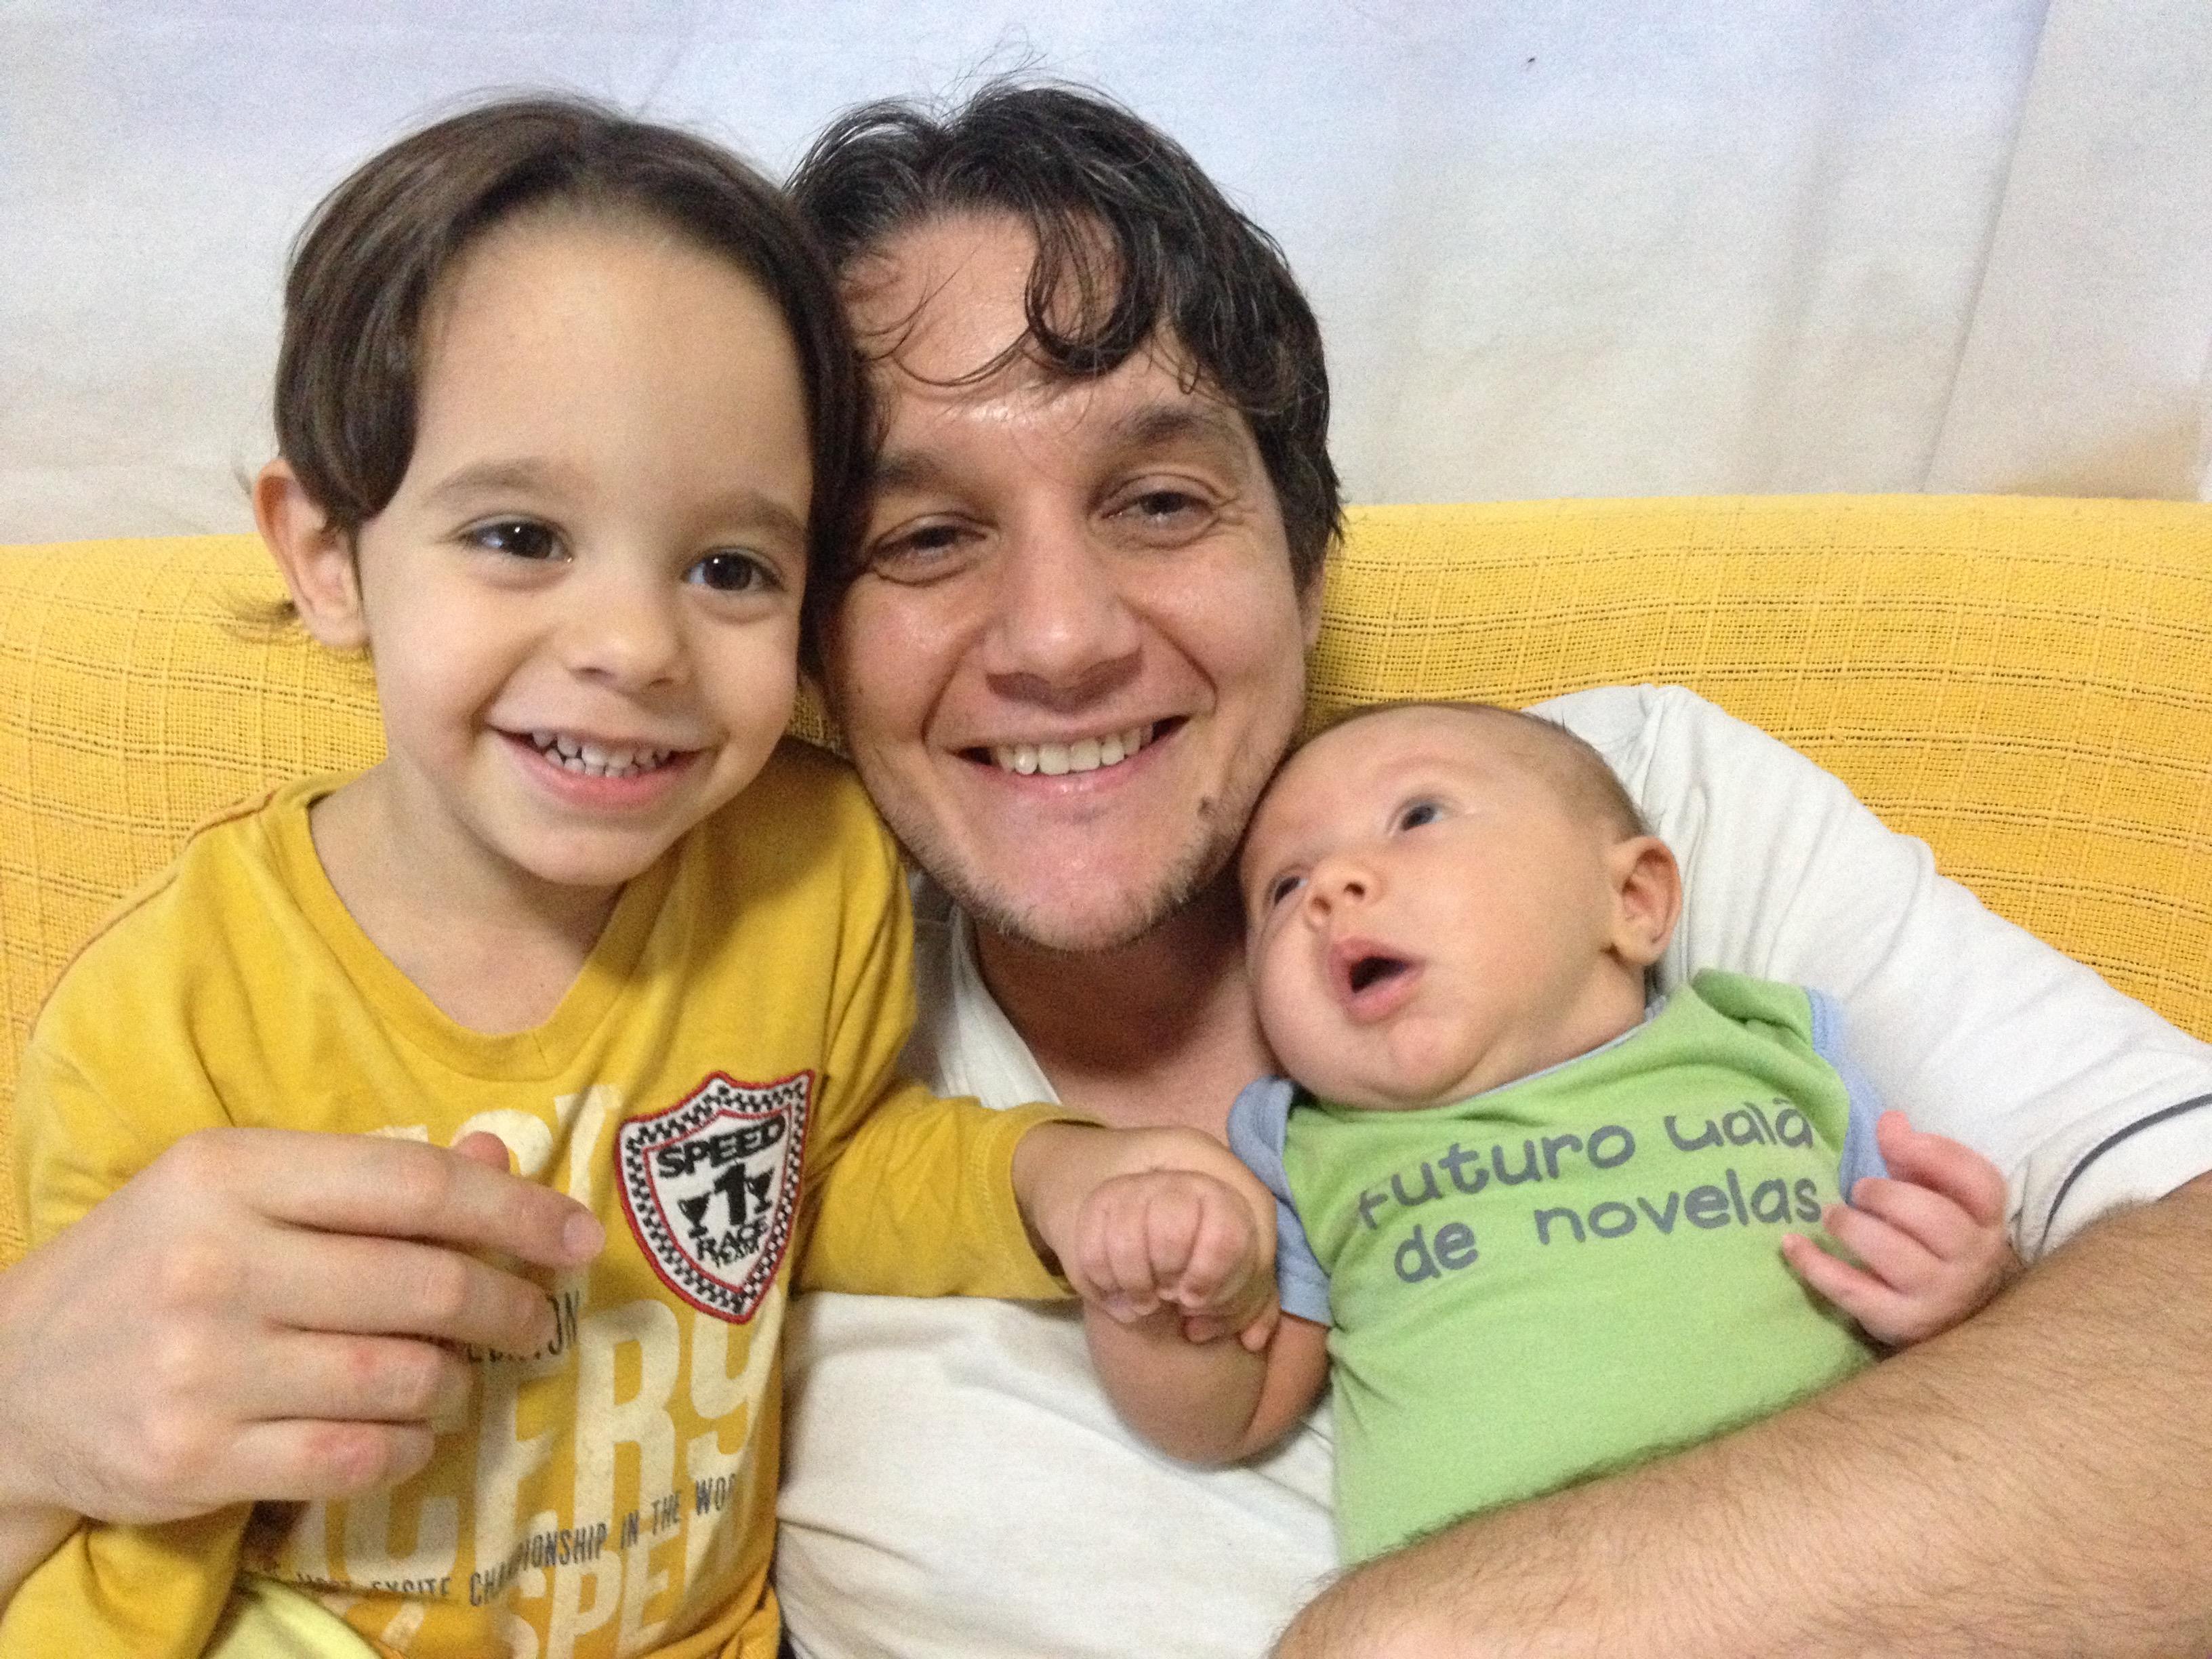 Flávio Marim e filhos